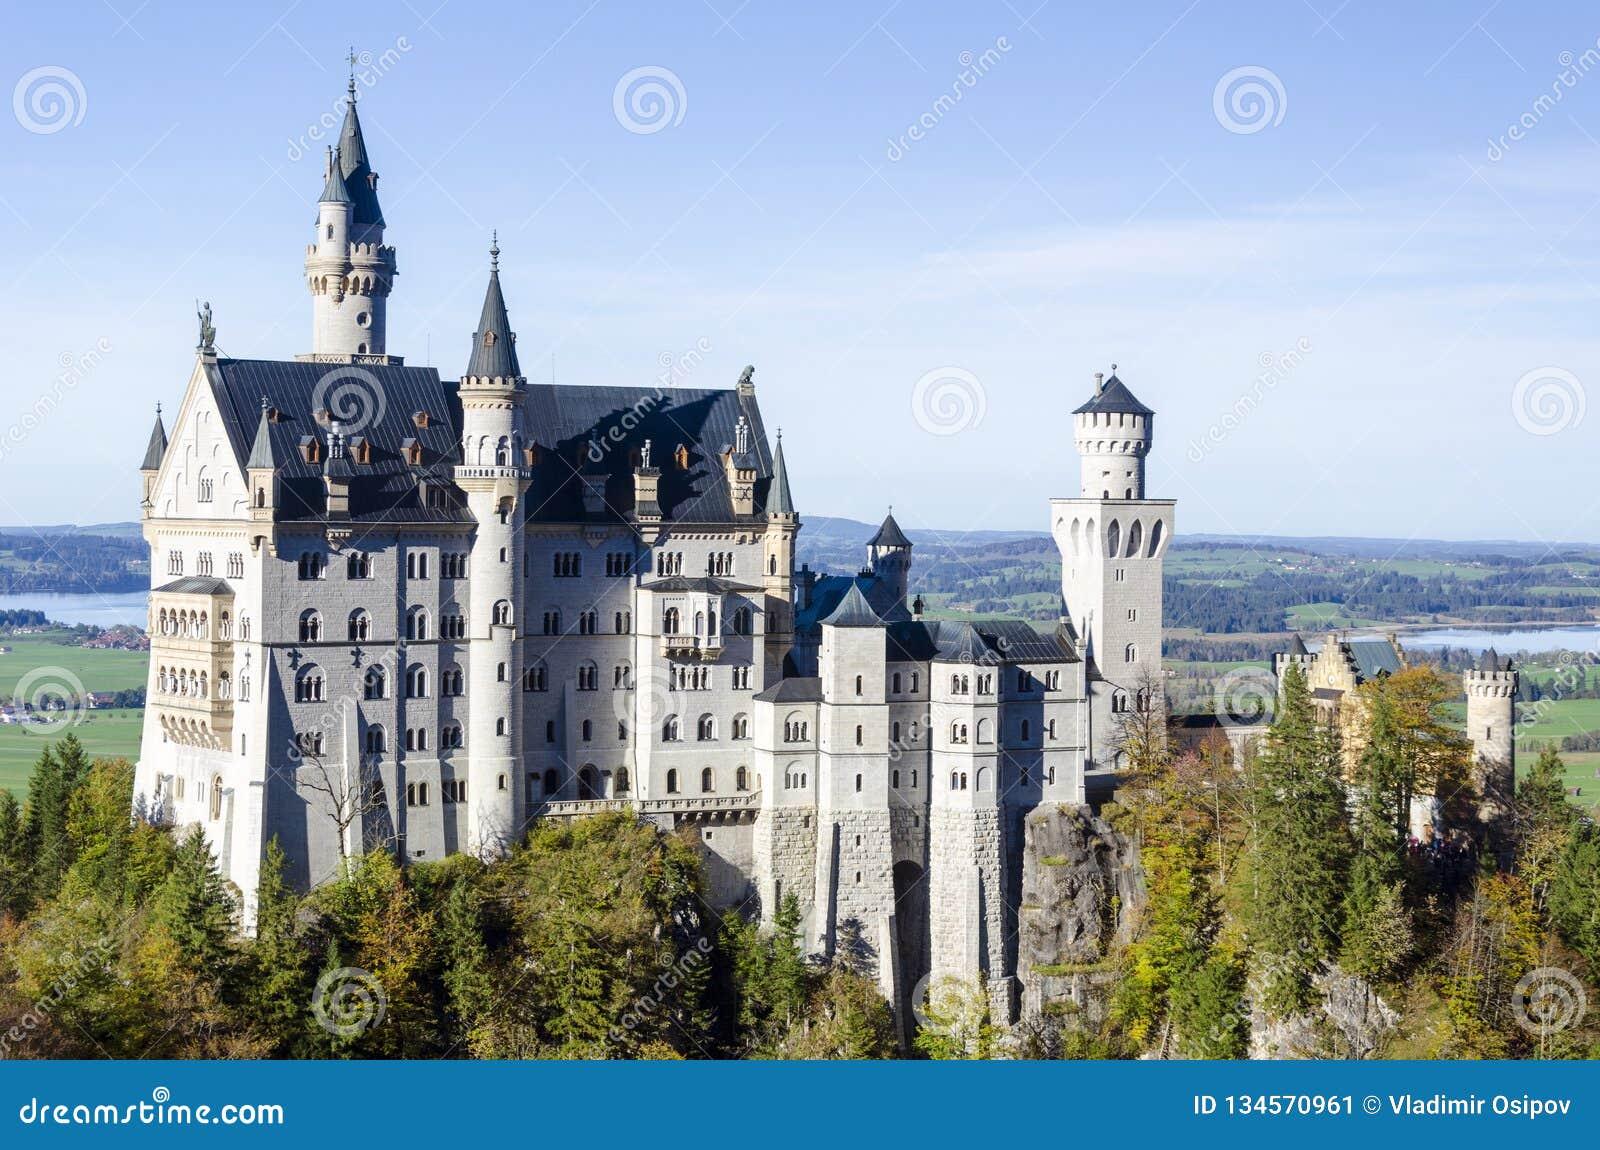 Ein geräumiger Panoramablick eines romantischen alten Schlosses nannte Neuschwanstein, das im Bayern Deutschland gelegen ist